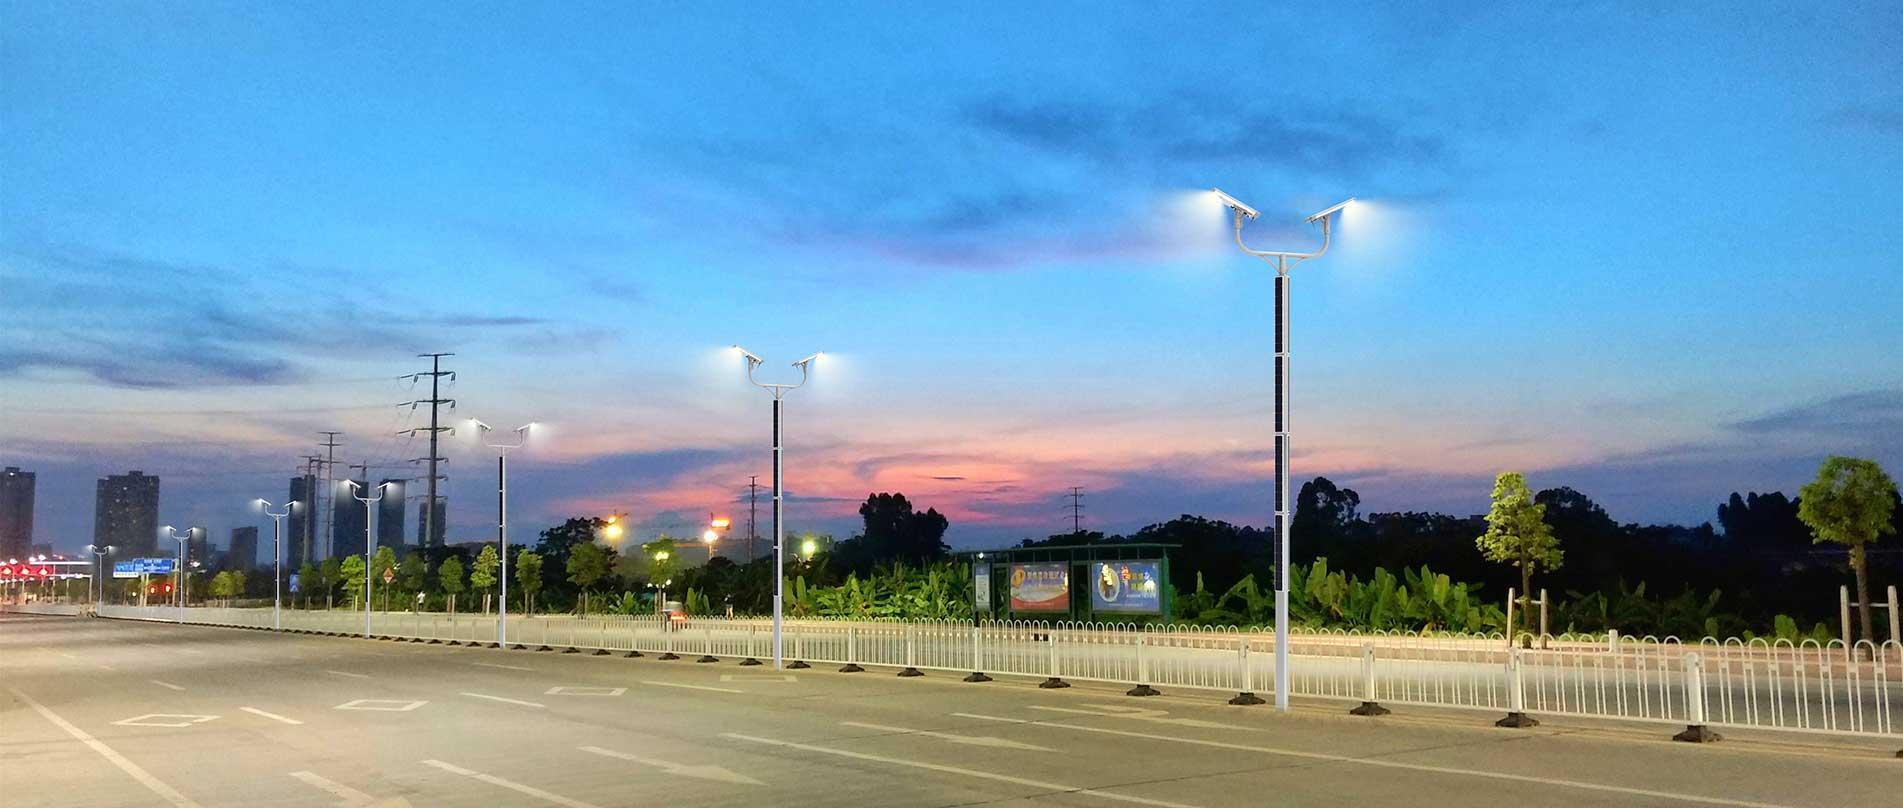 solar-ledlights banner